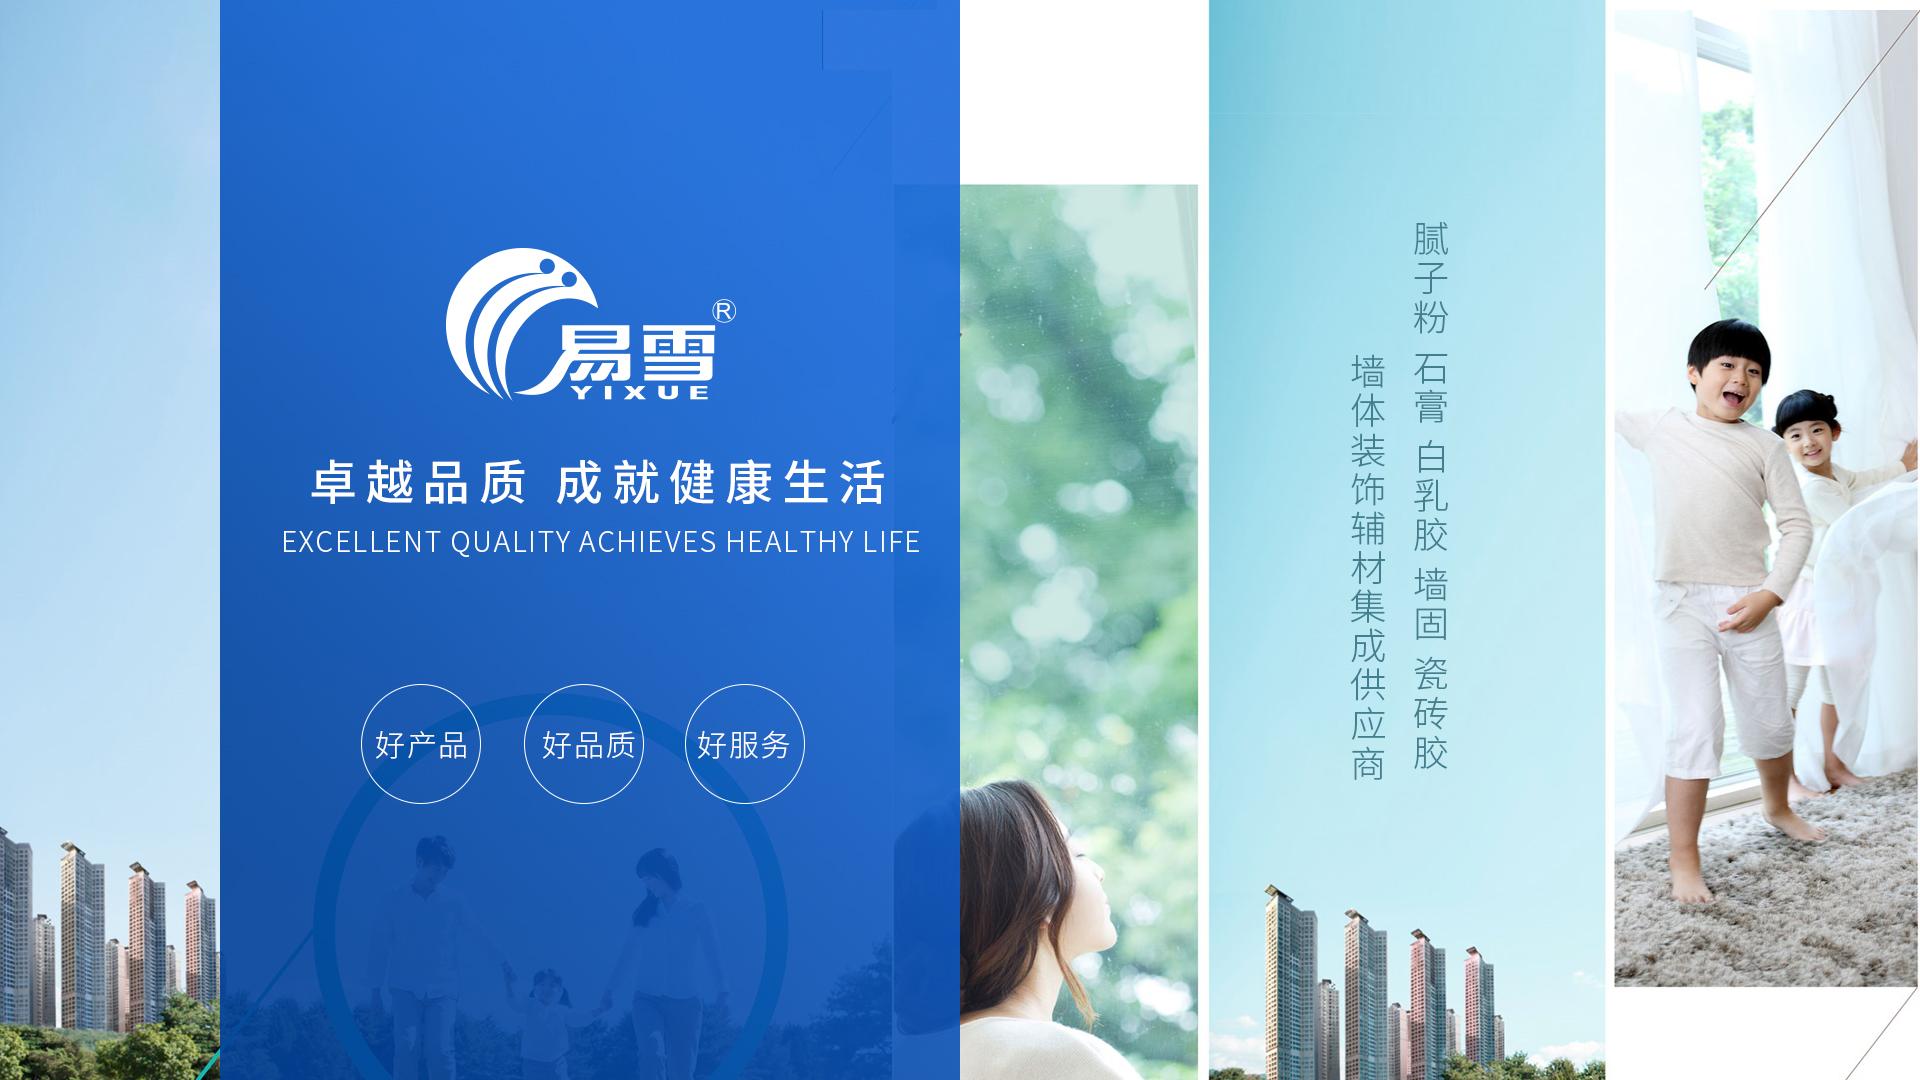 中国经济网:易雪公司质量诚信建设